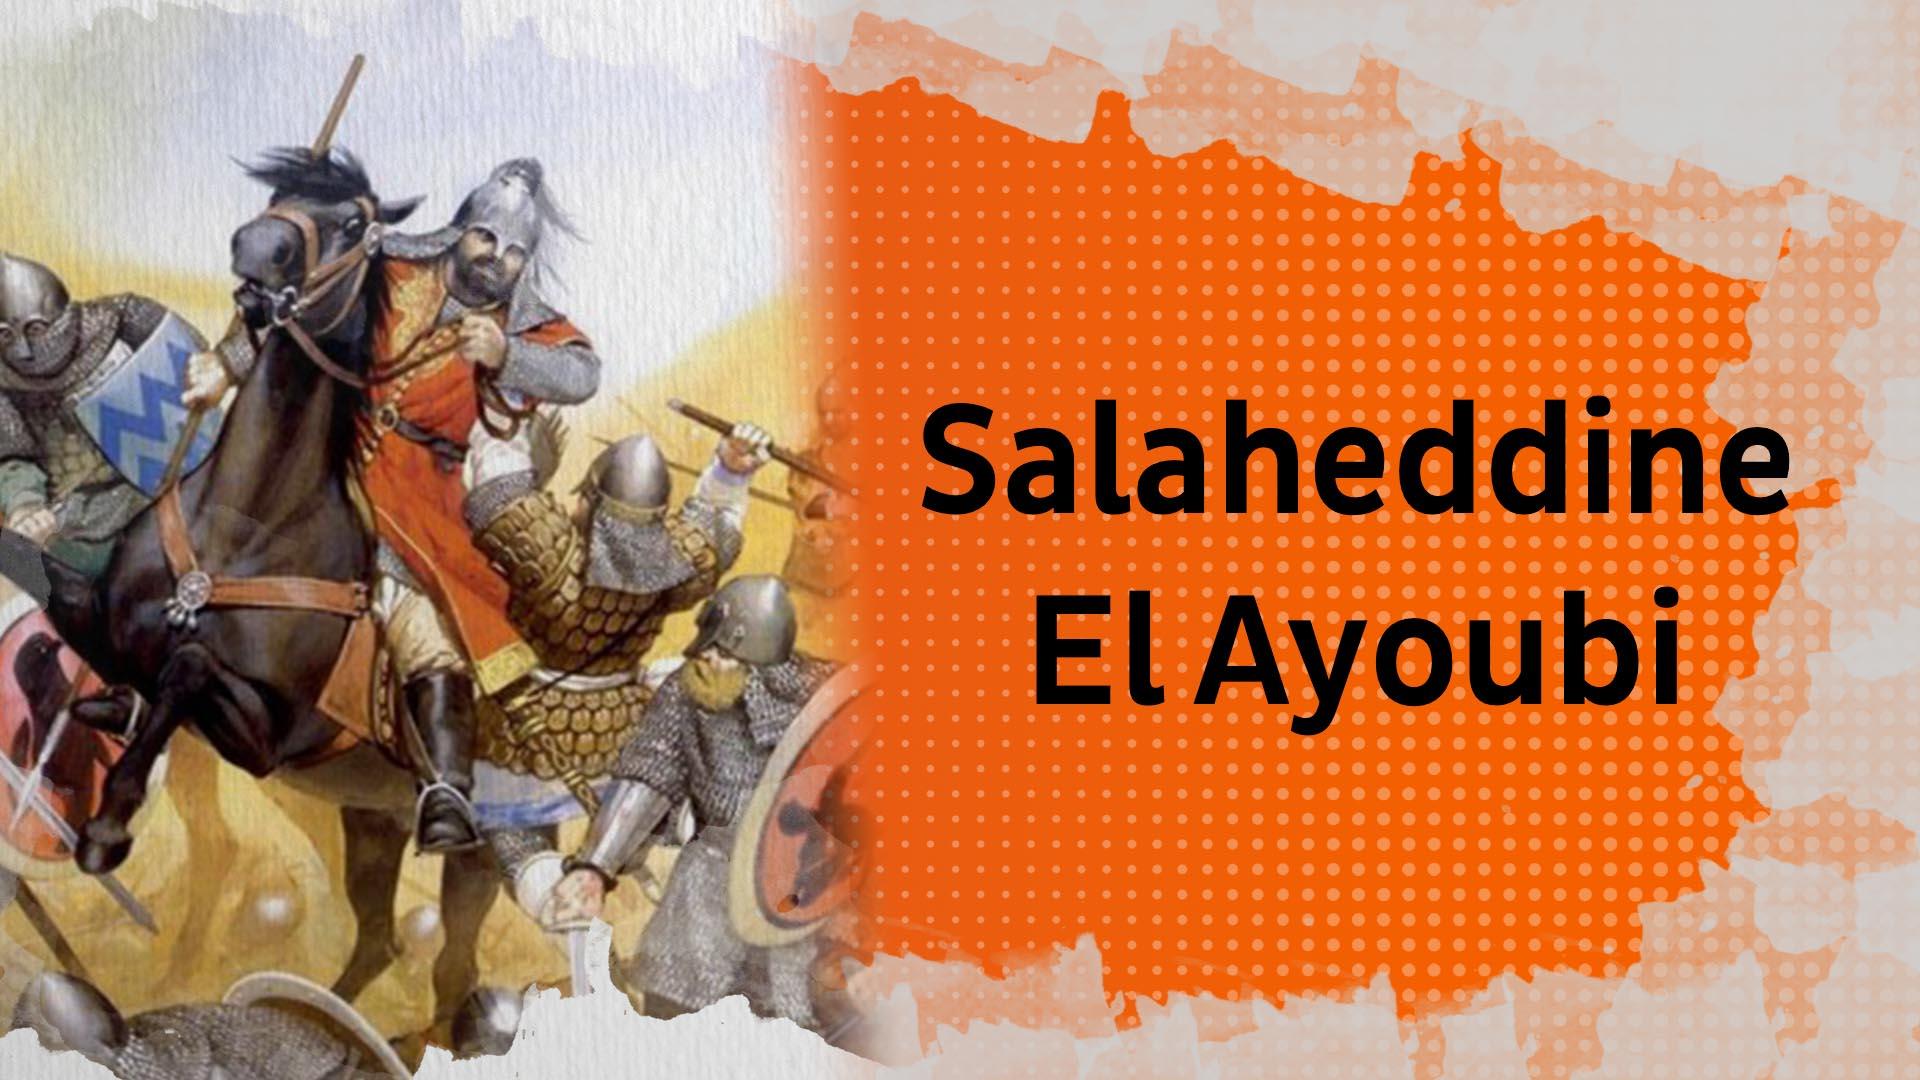 Biopic #10 : Salaheddine El Ayoubi, le chef de guerre qui vainquit les Croisés et reprit Jérusalem